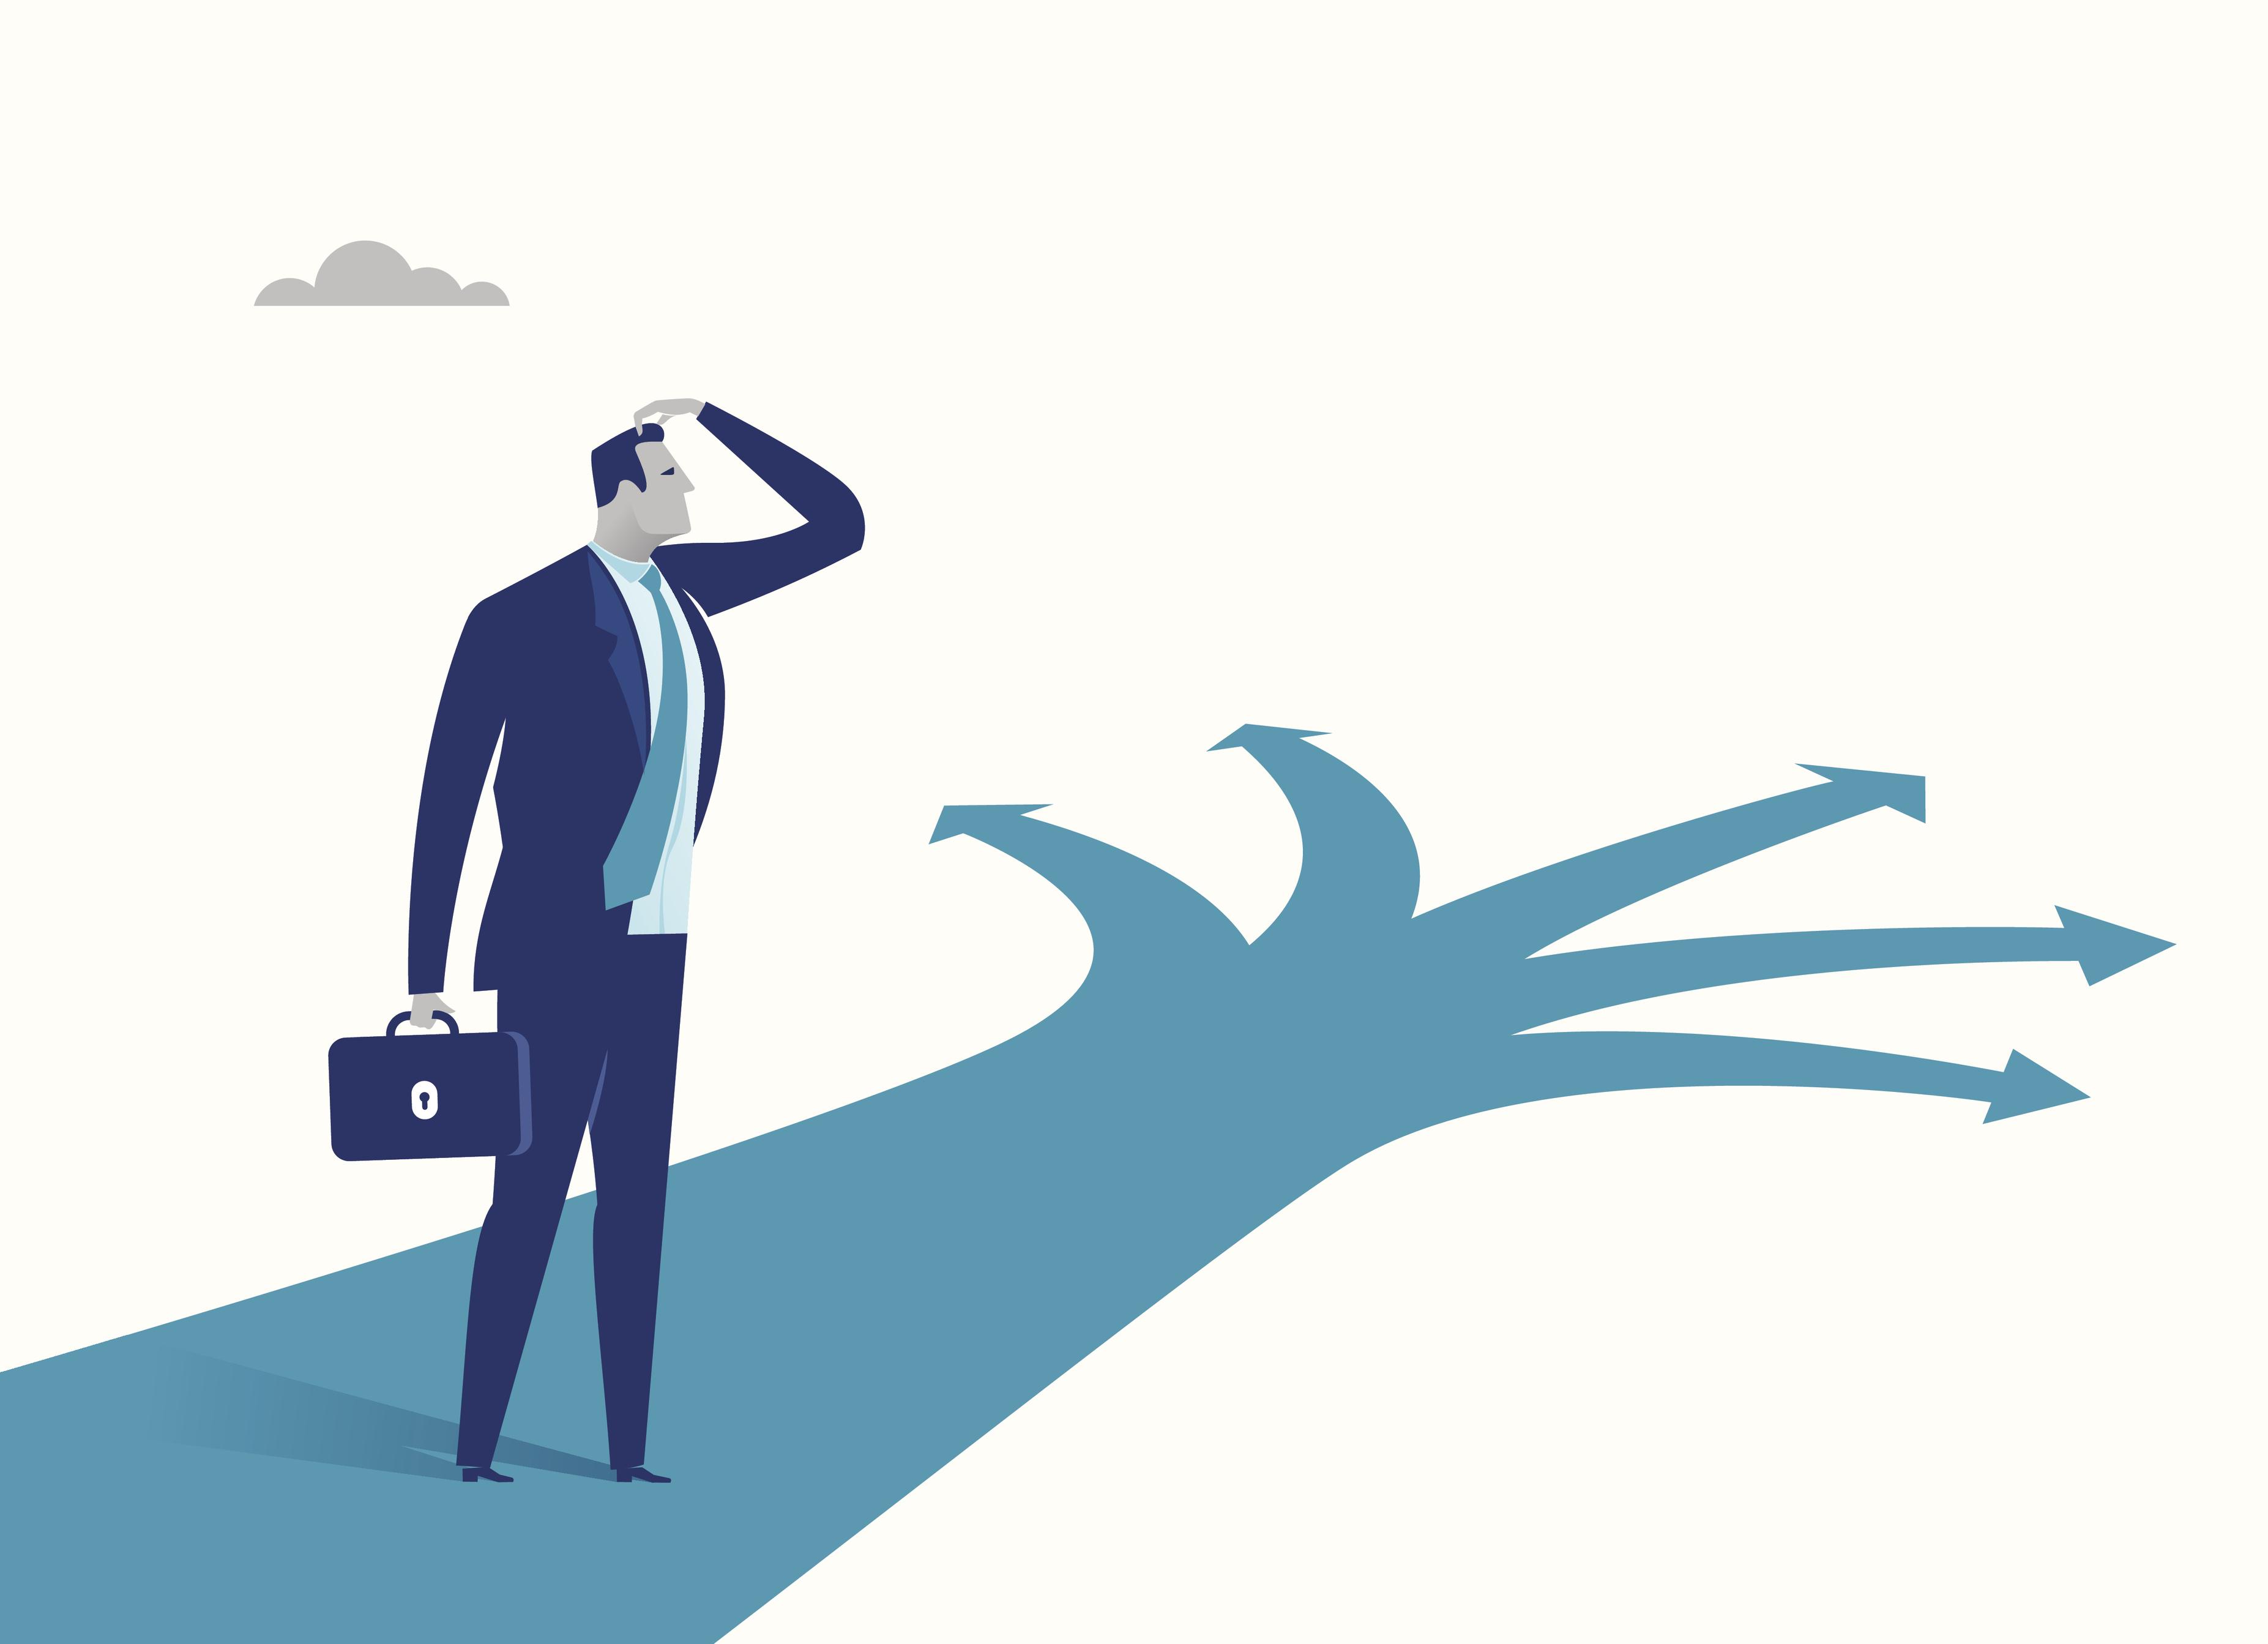 Deciziile luate pe baza datelor ajută companiile să crească